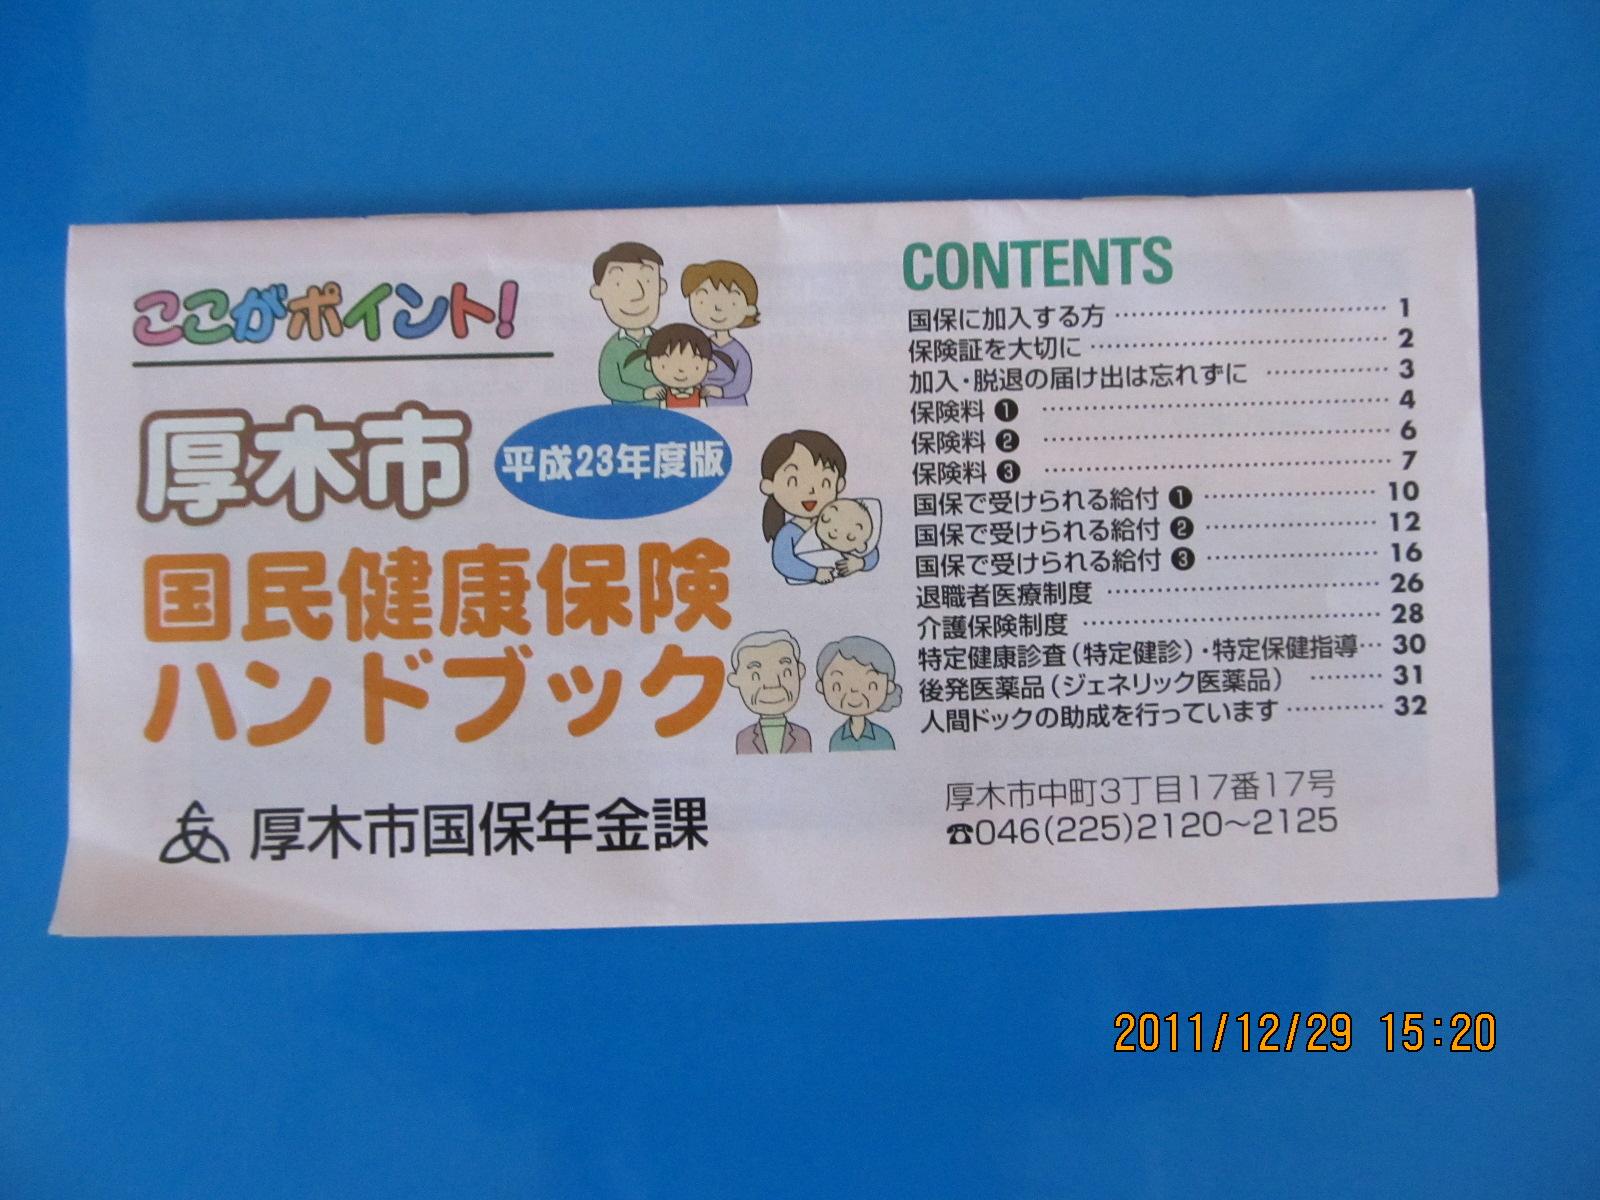 情報 サービス 組合 神奈川 健康 県 産業 保険